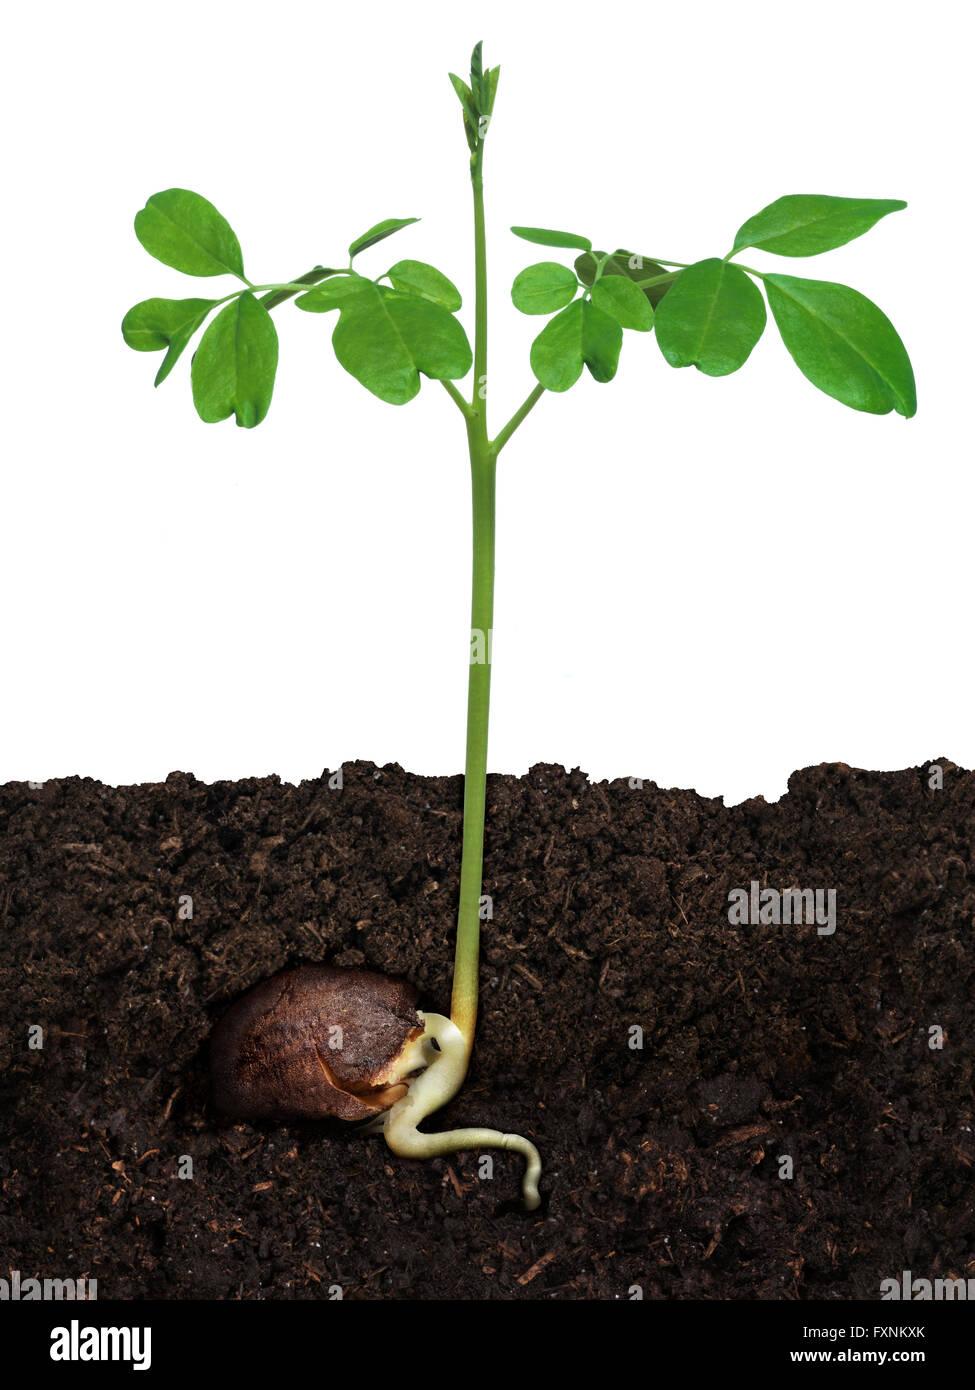 Moringa seeds for planting